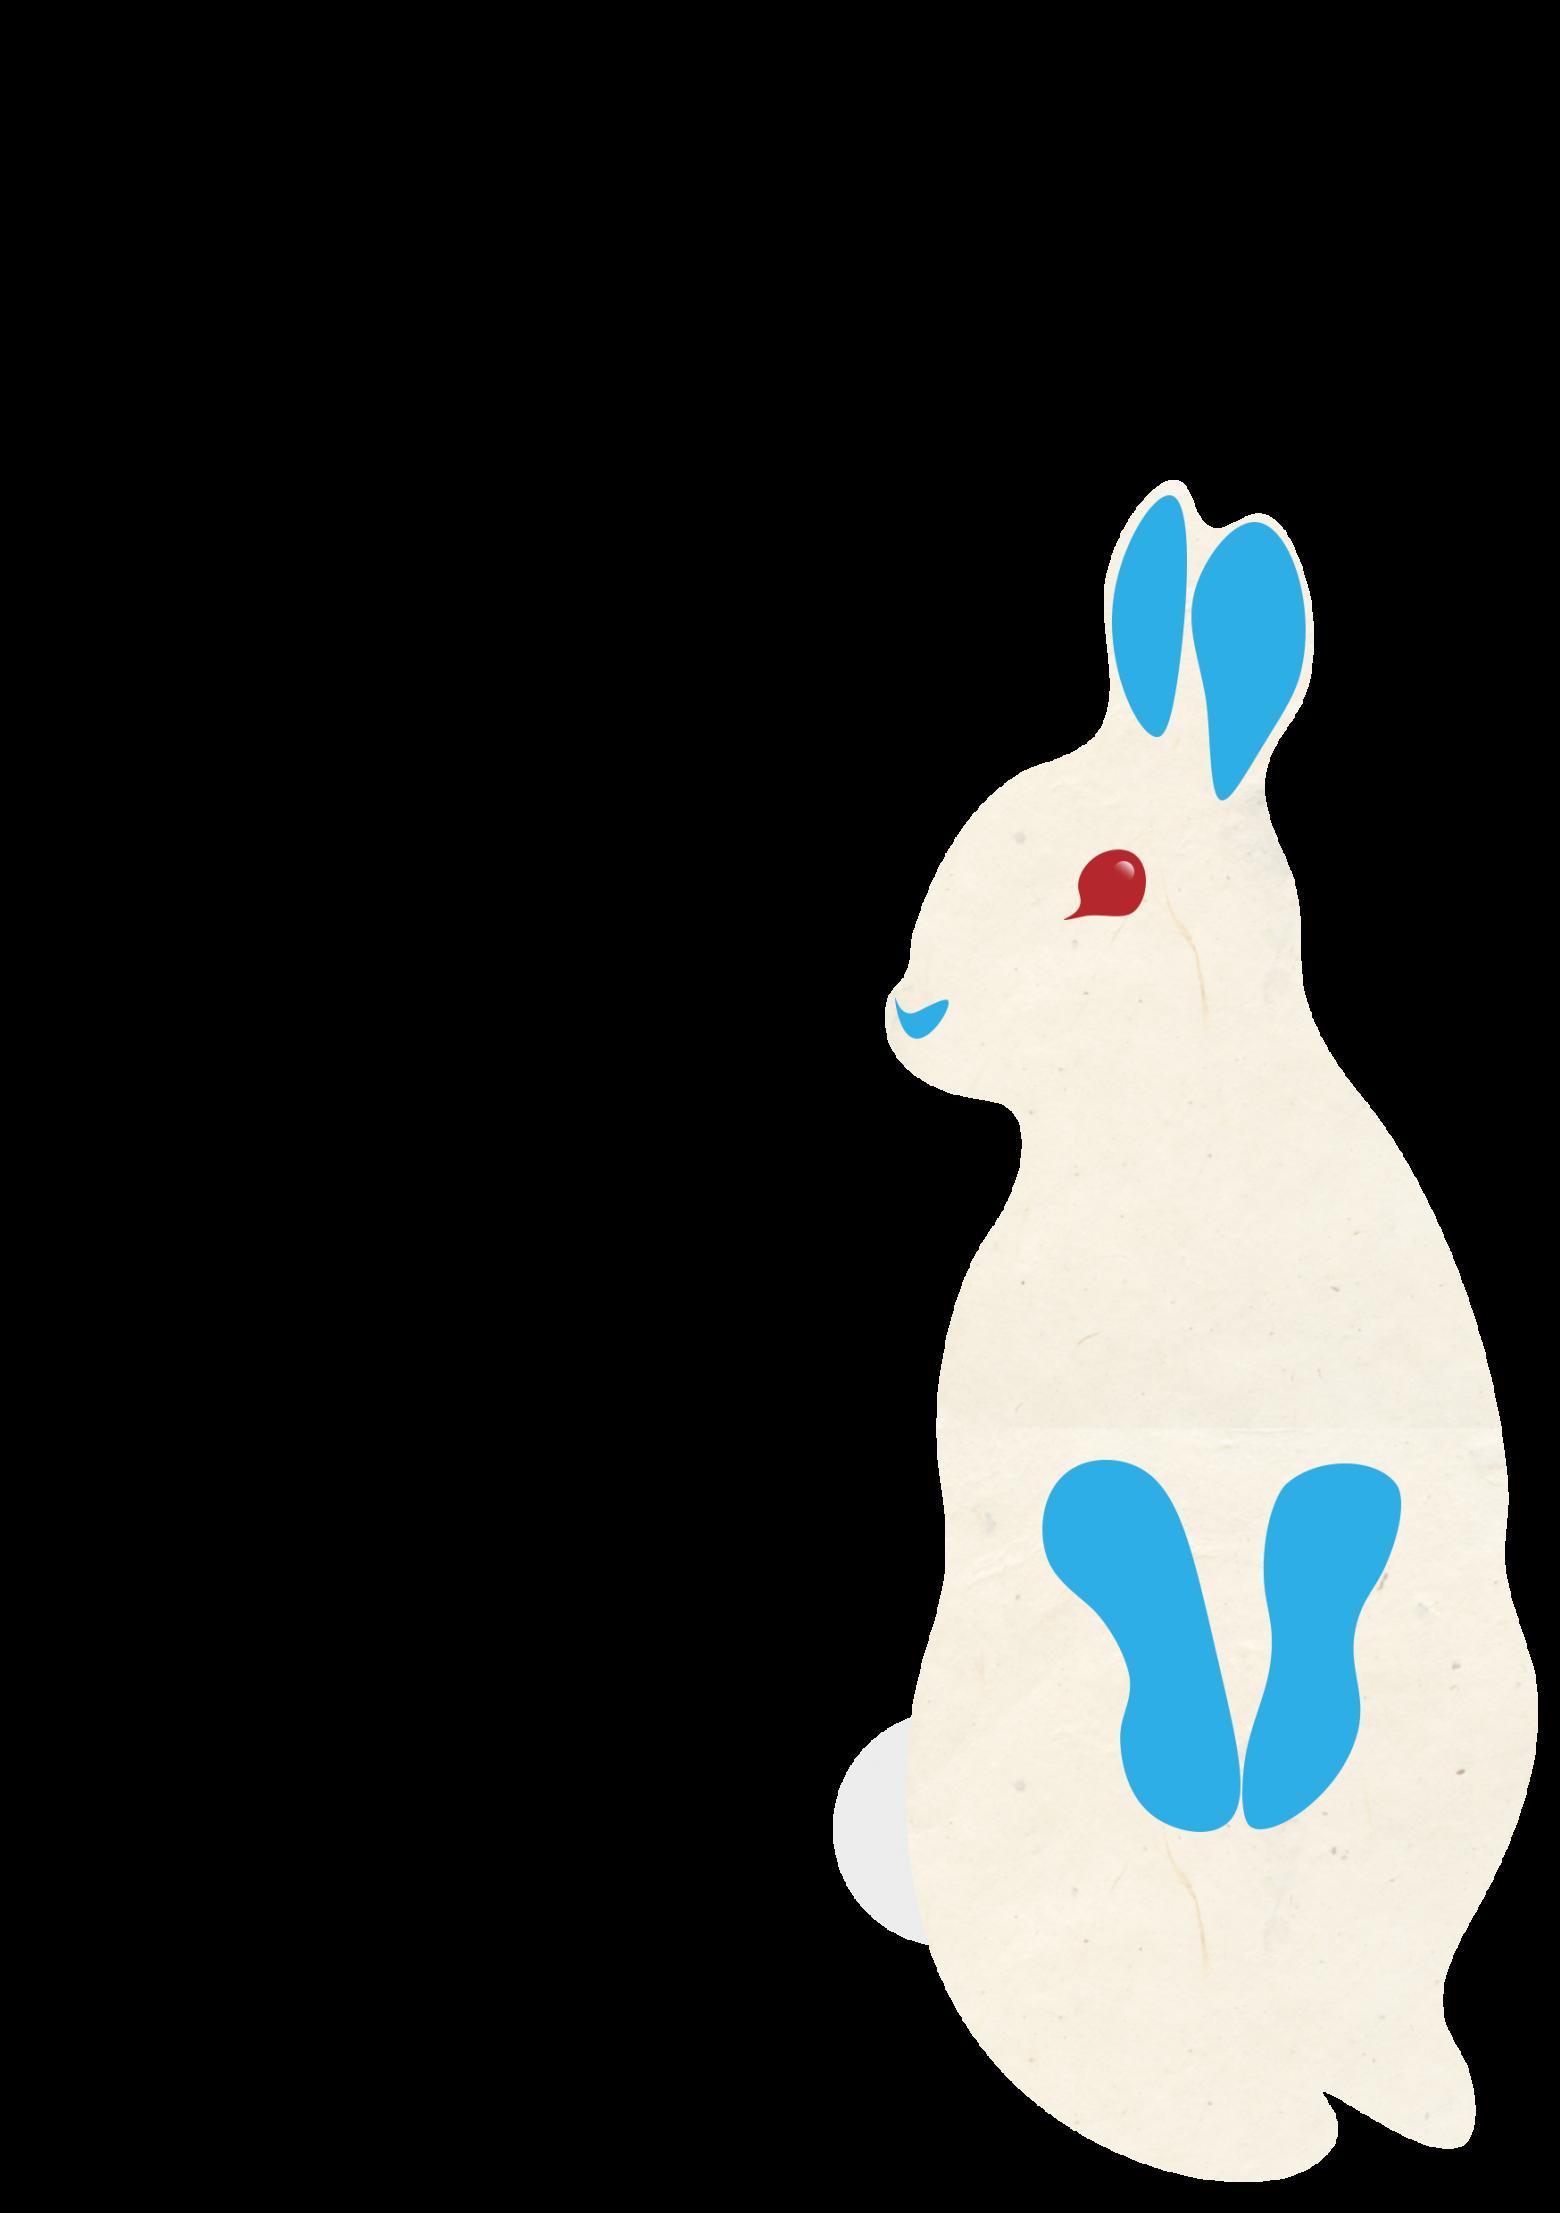 rabbit-3016870